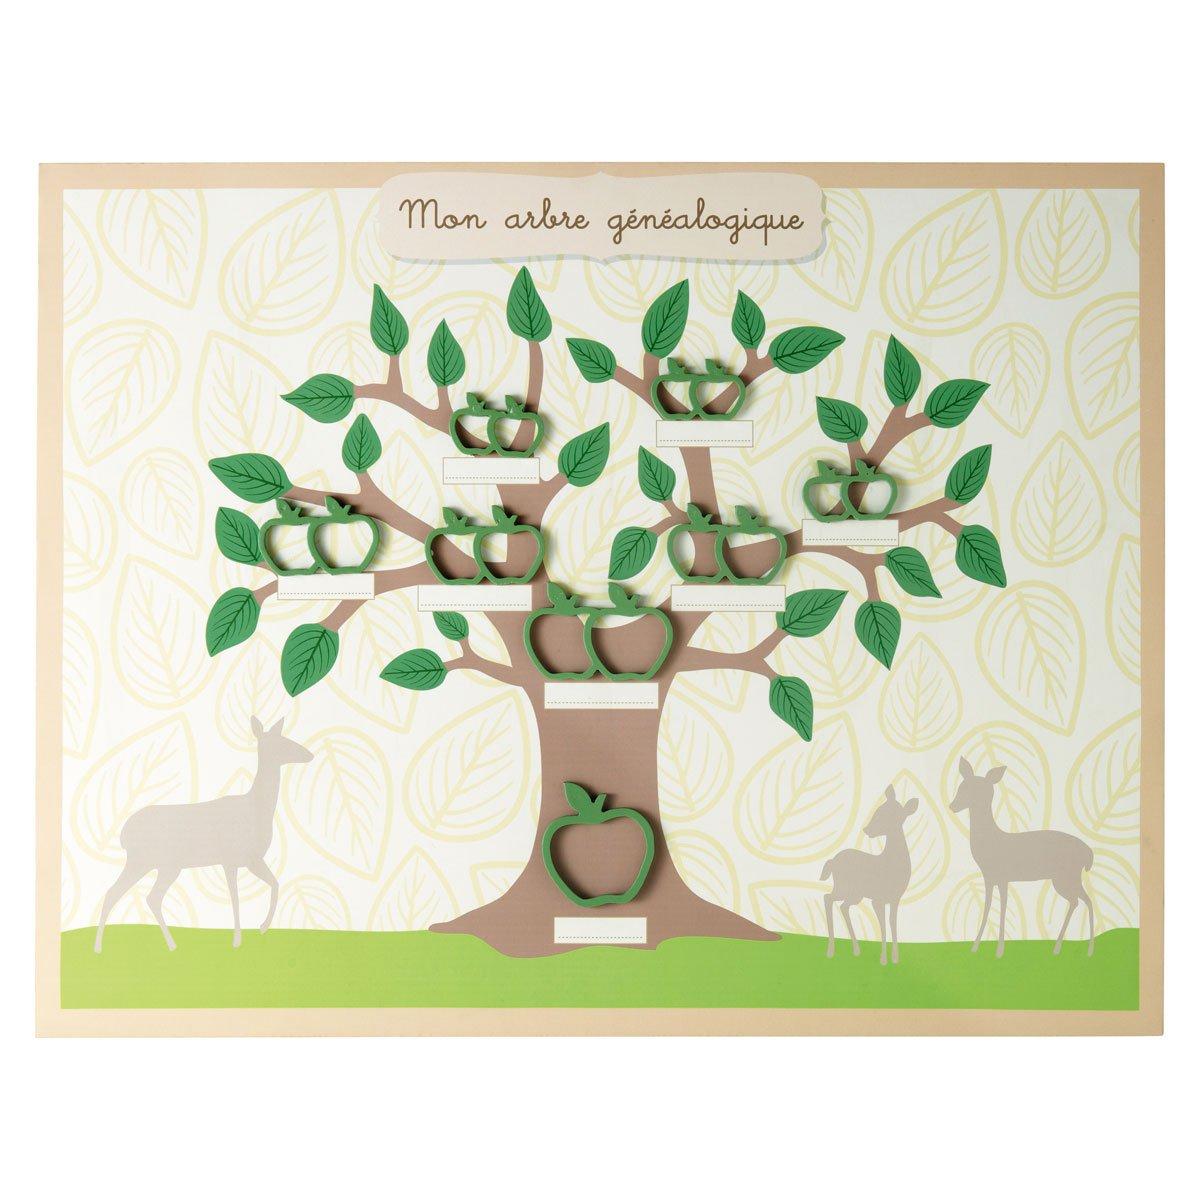 MDM enfant arbre genealogique magnétique